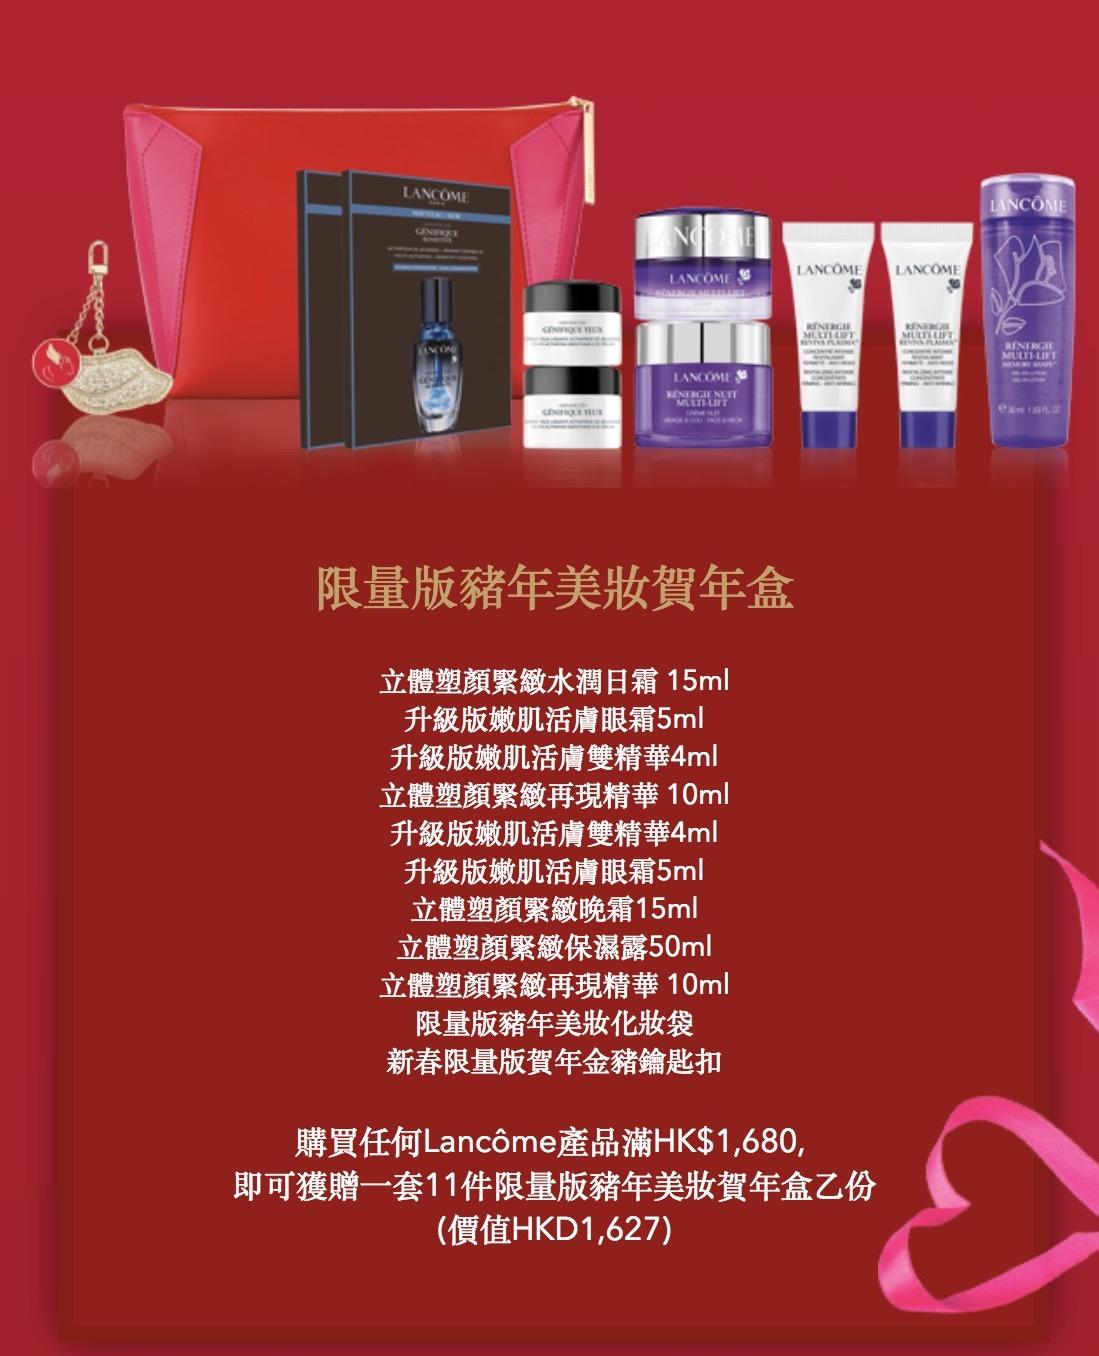 Beautylife HK - 新一年由頭紅到落腳 ❤ LANCÔME 新春賀年限量版